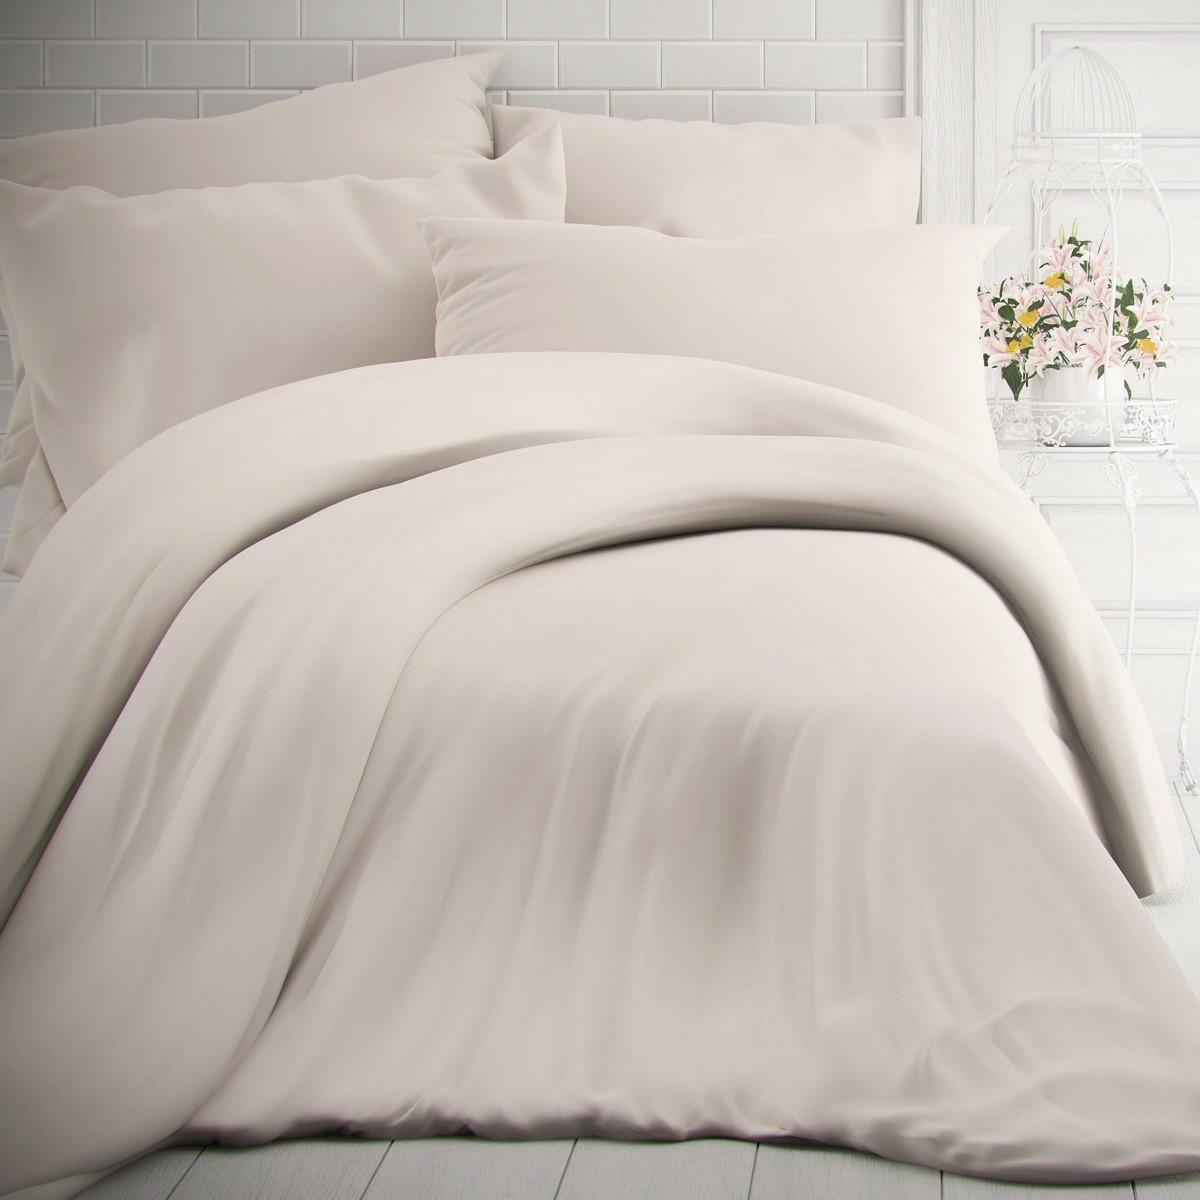 Kvalitex Bavlnené obliečky biela